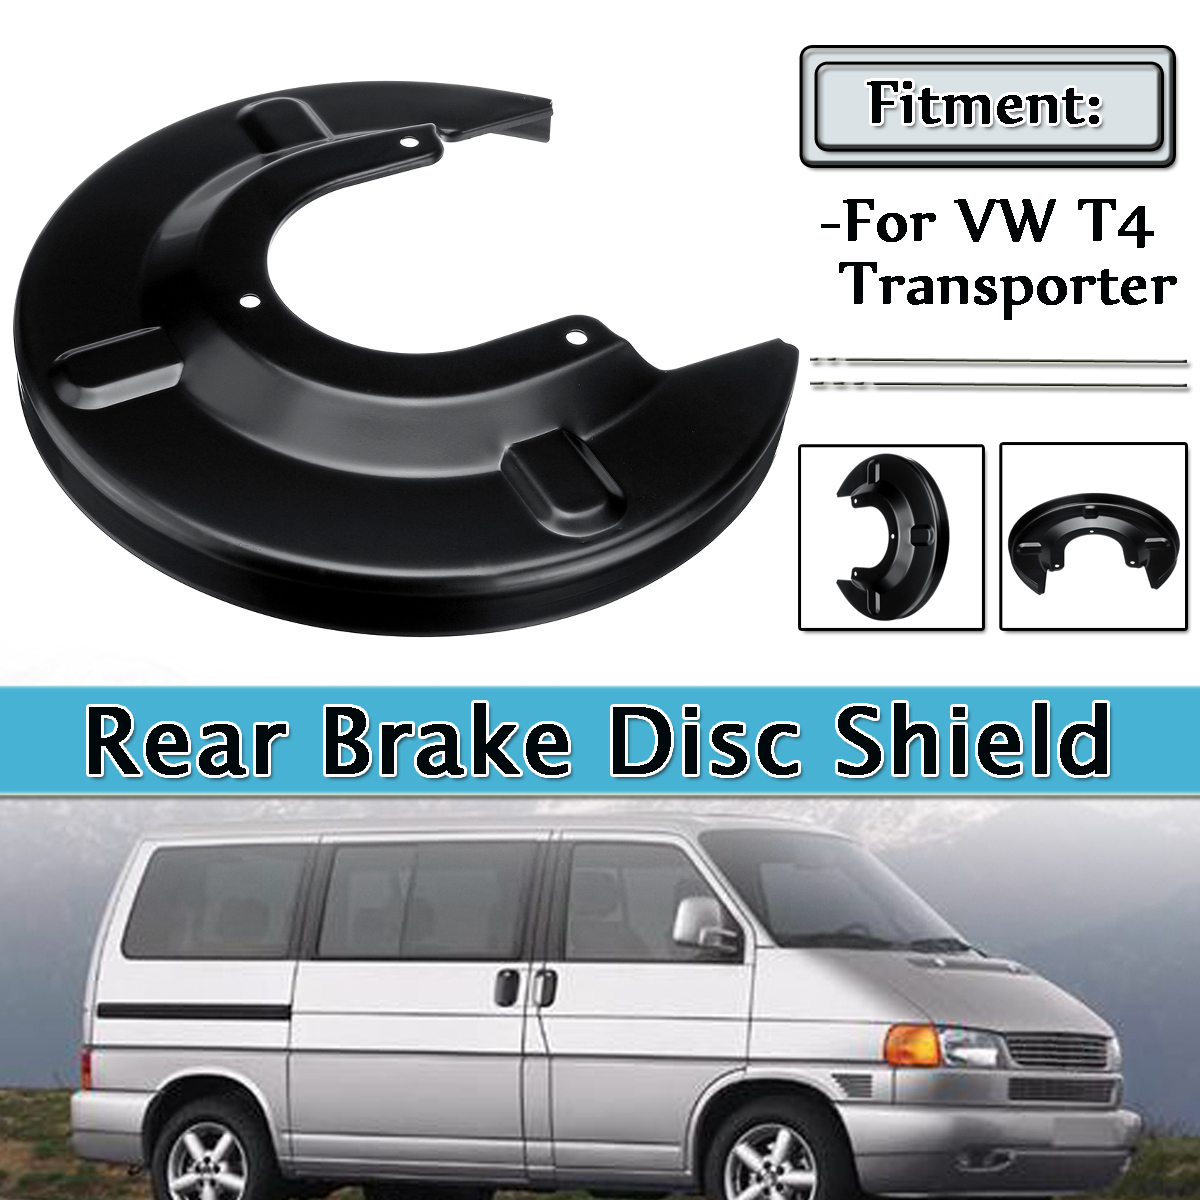 Universal Rear Brake Disc Shield Shell Fits For VW T4 Transporter 7D1615611 Plastic Brake System New